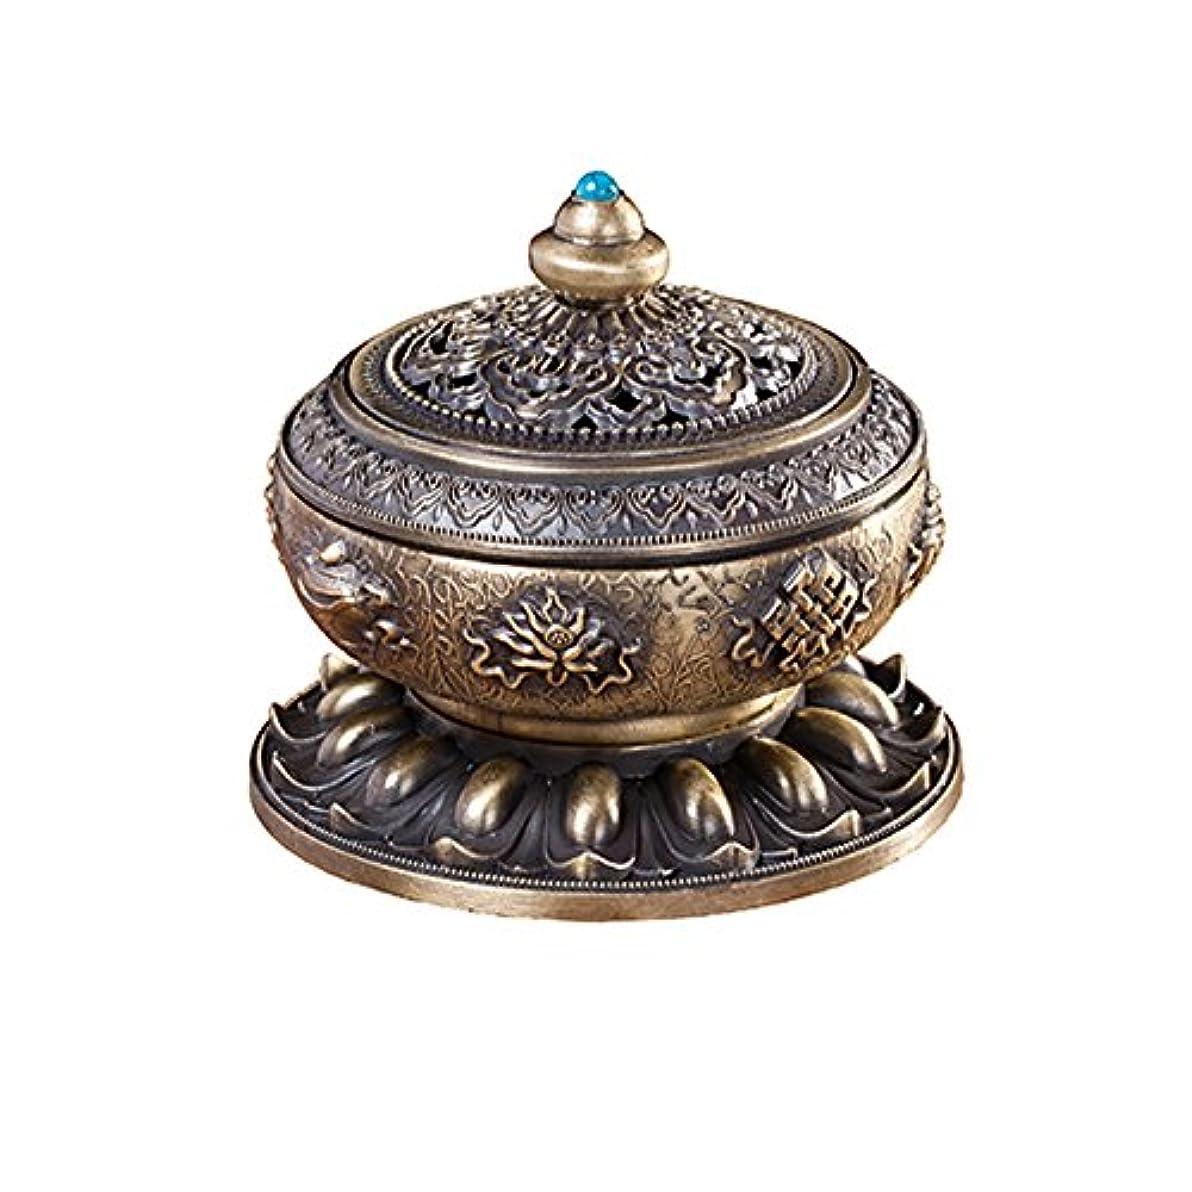 公然とストラップ深めるBUYSEEY 家用 アロマ香炉 青銅 ブロンズ 丸香炉 お香立て 渦巻き線香 などに 香立て付き (S)